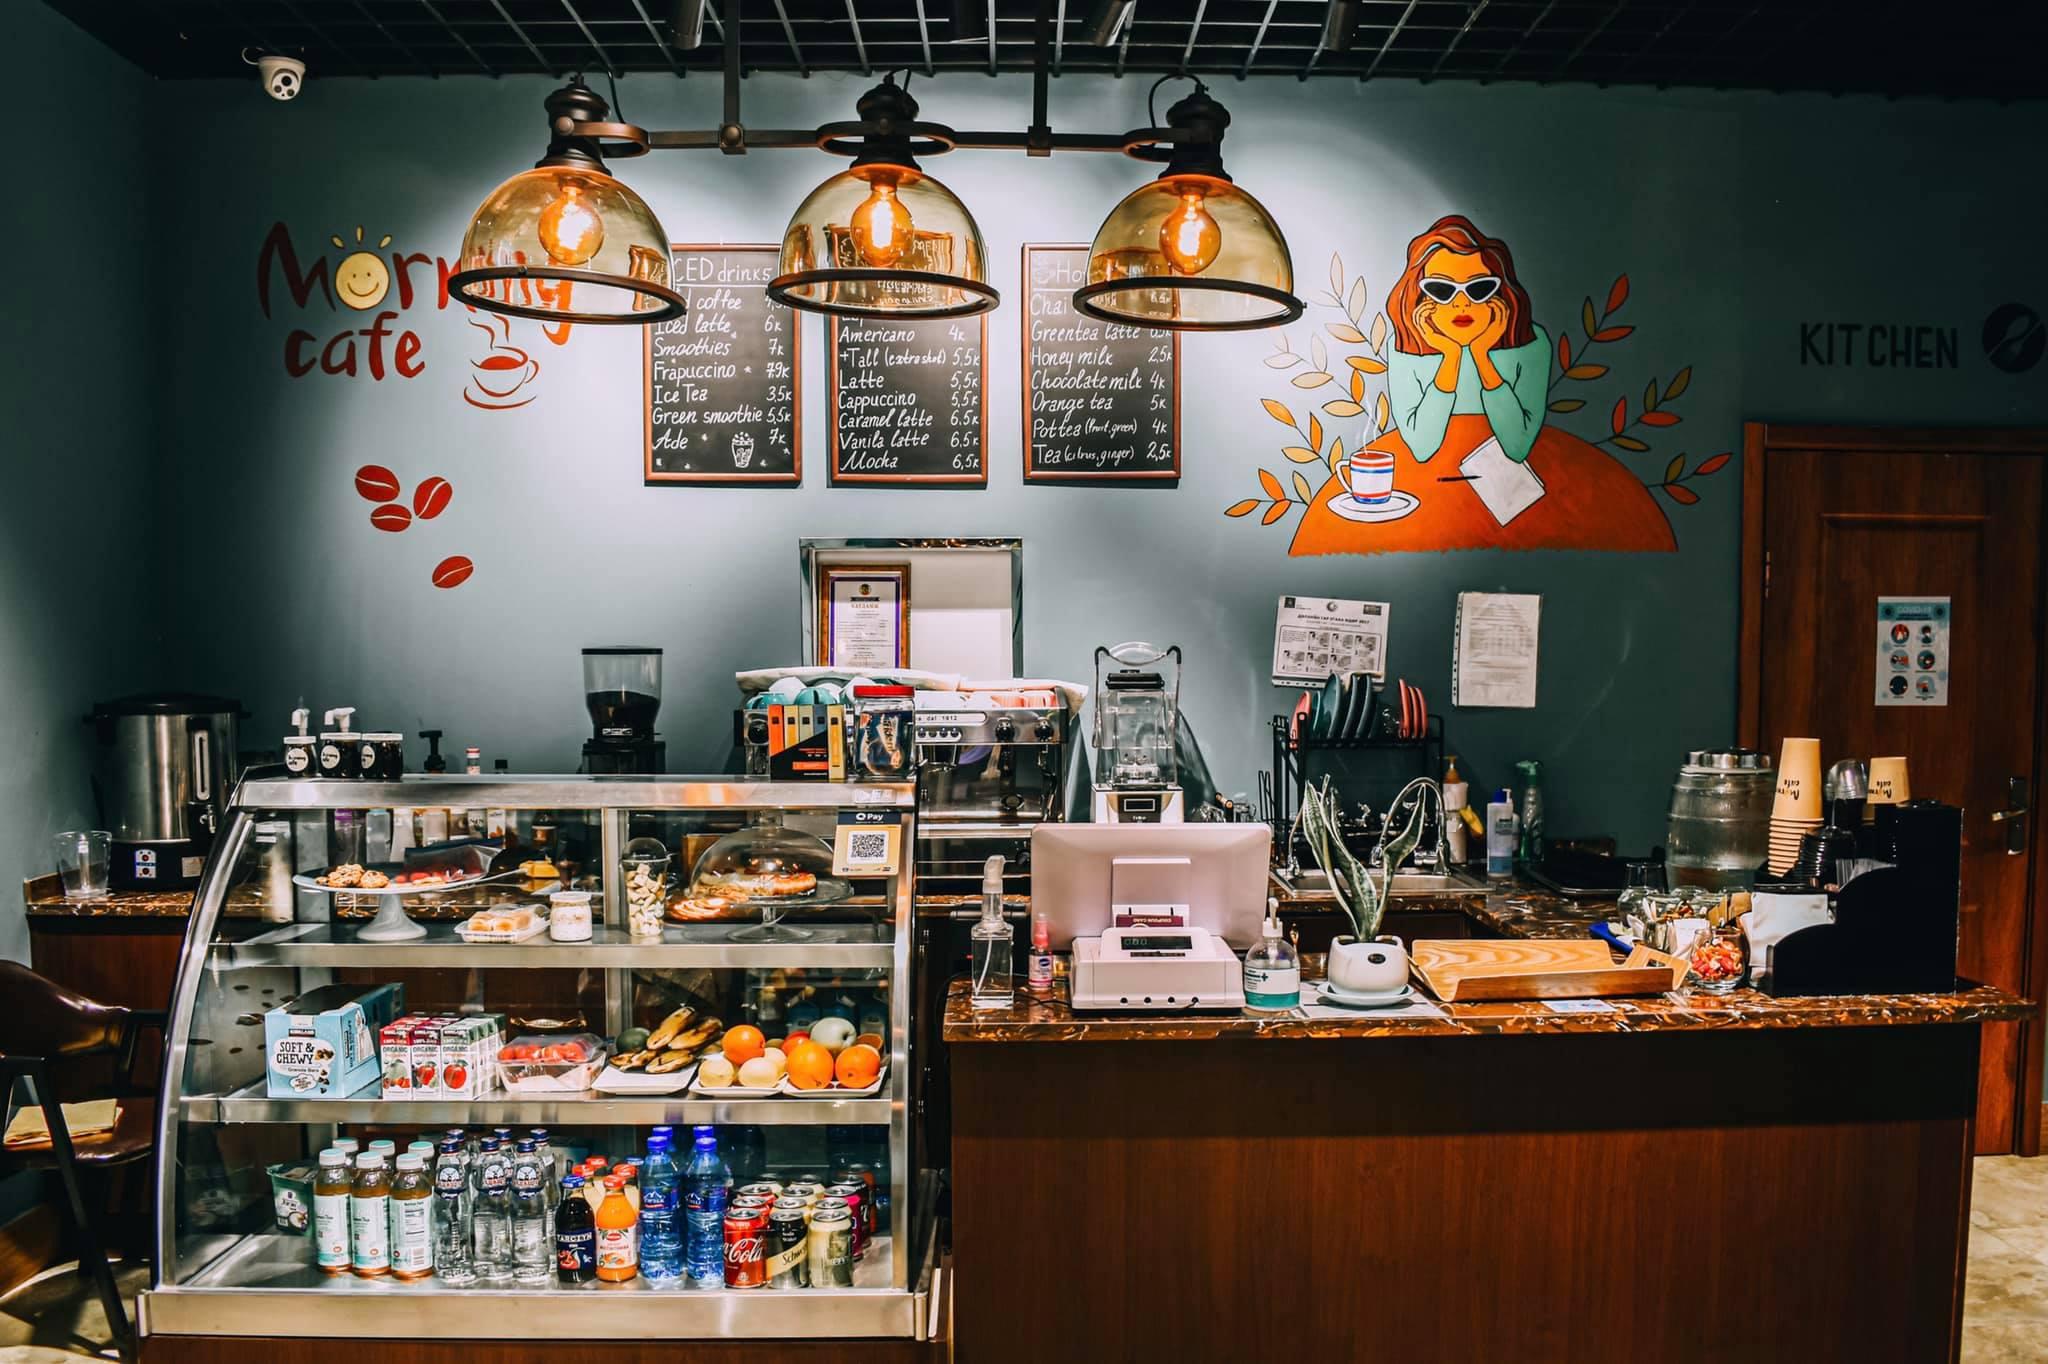 Улаанбаатарт өглөөний 06:00 цагт онгойдог кофе шопууд